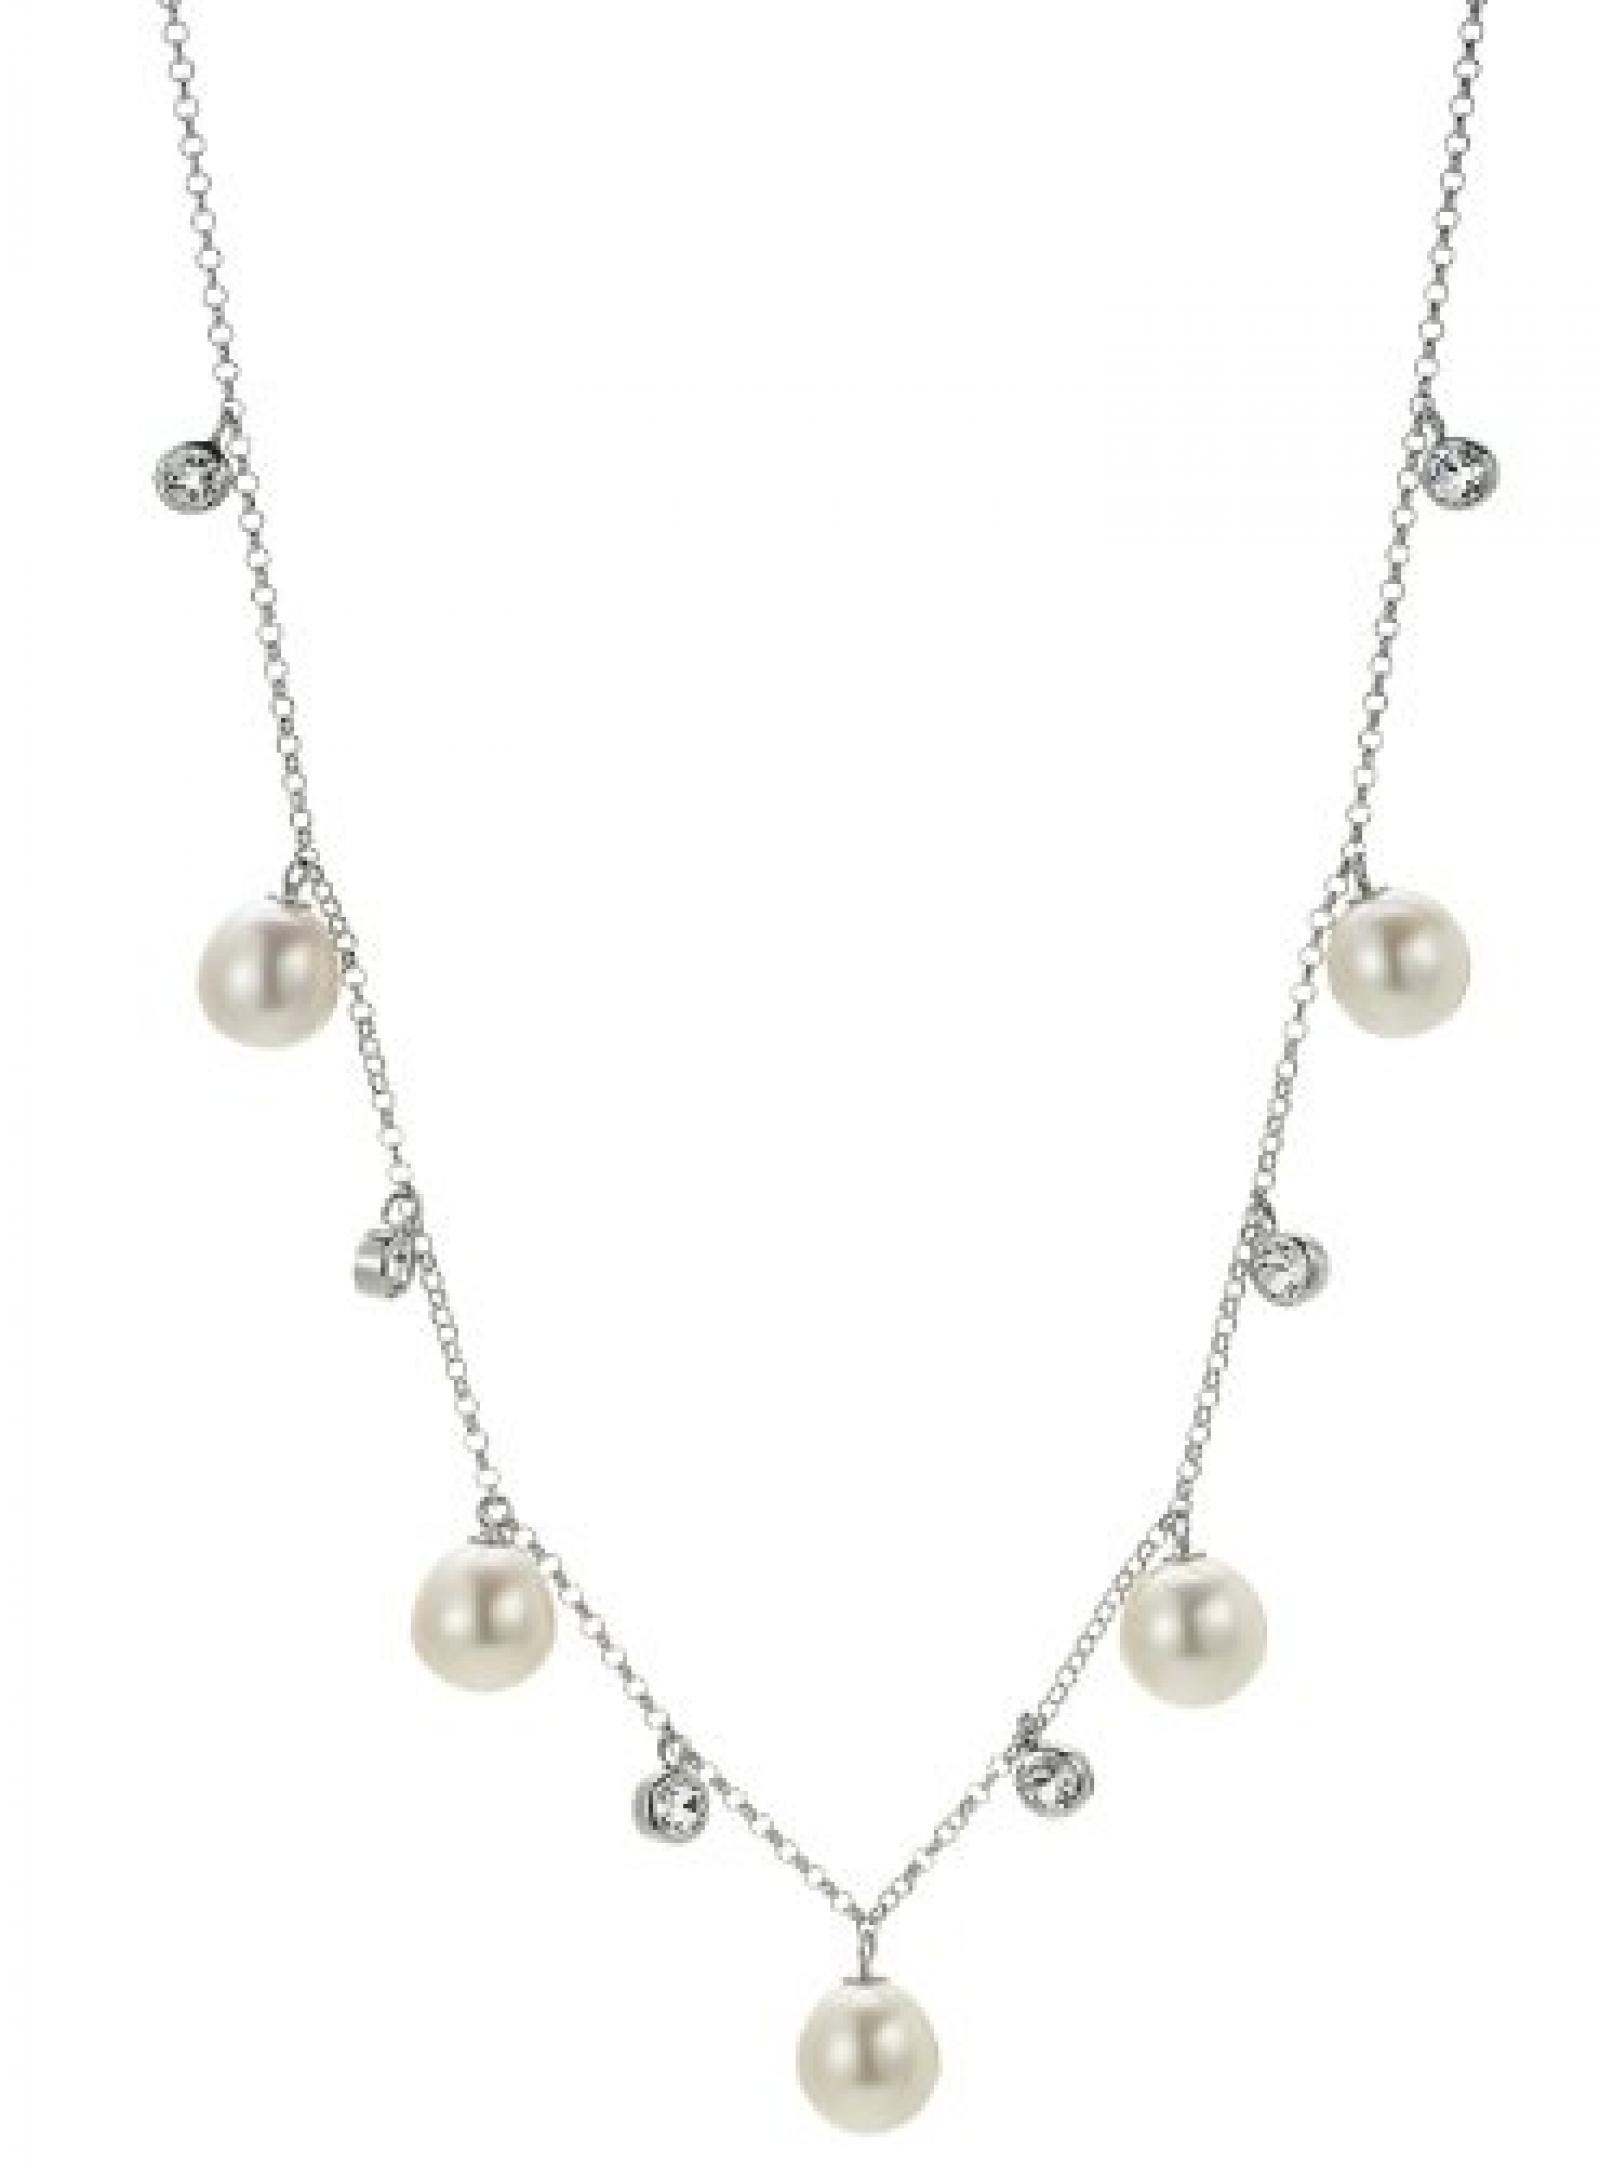 Adriana Damen-Halskette ohne Anhänger Süßwasser Zuchtperlen 925 Sterling Silber A4